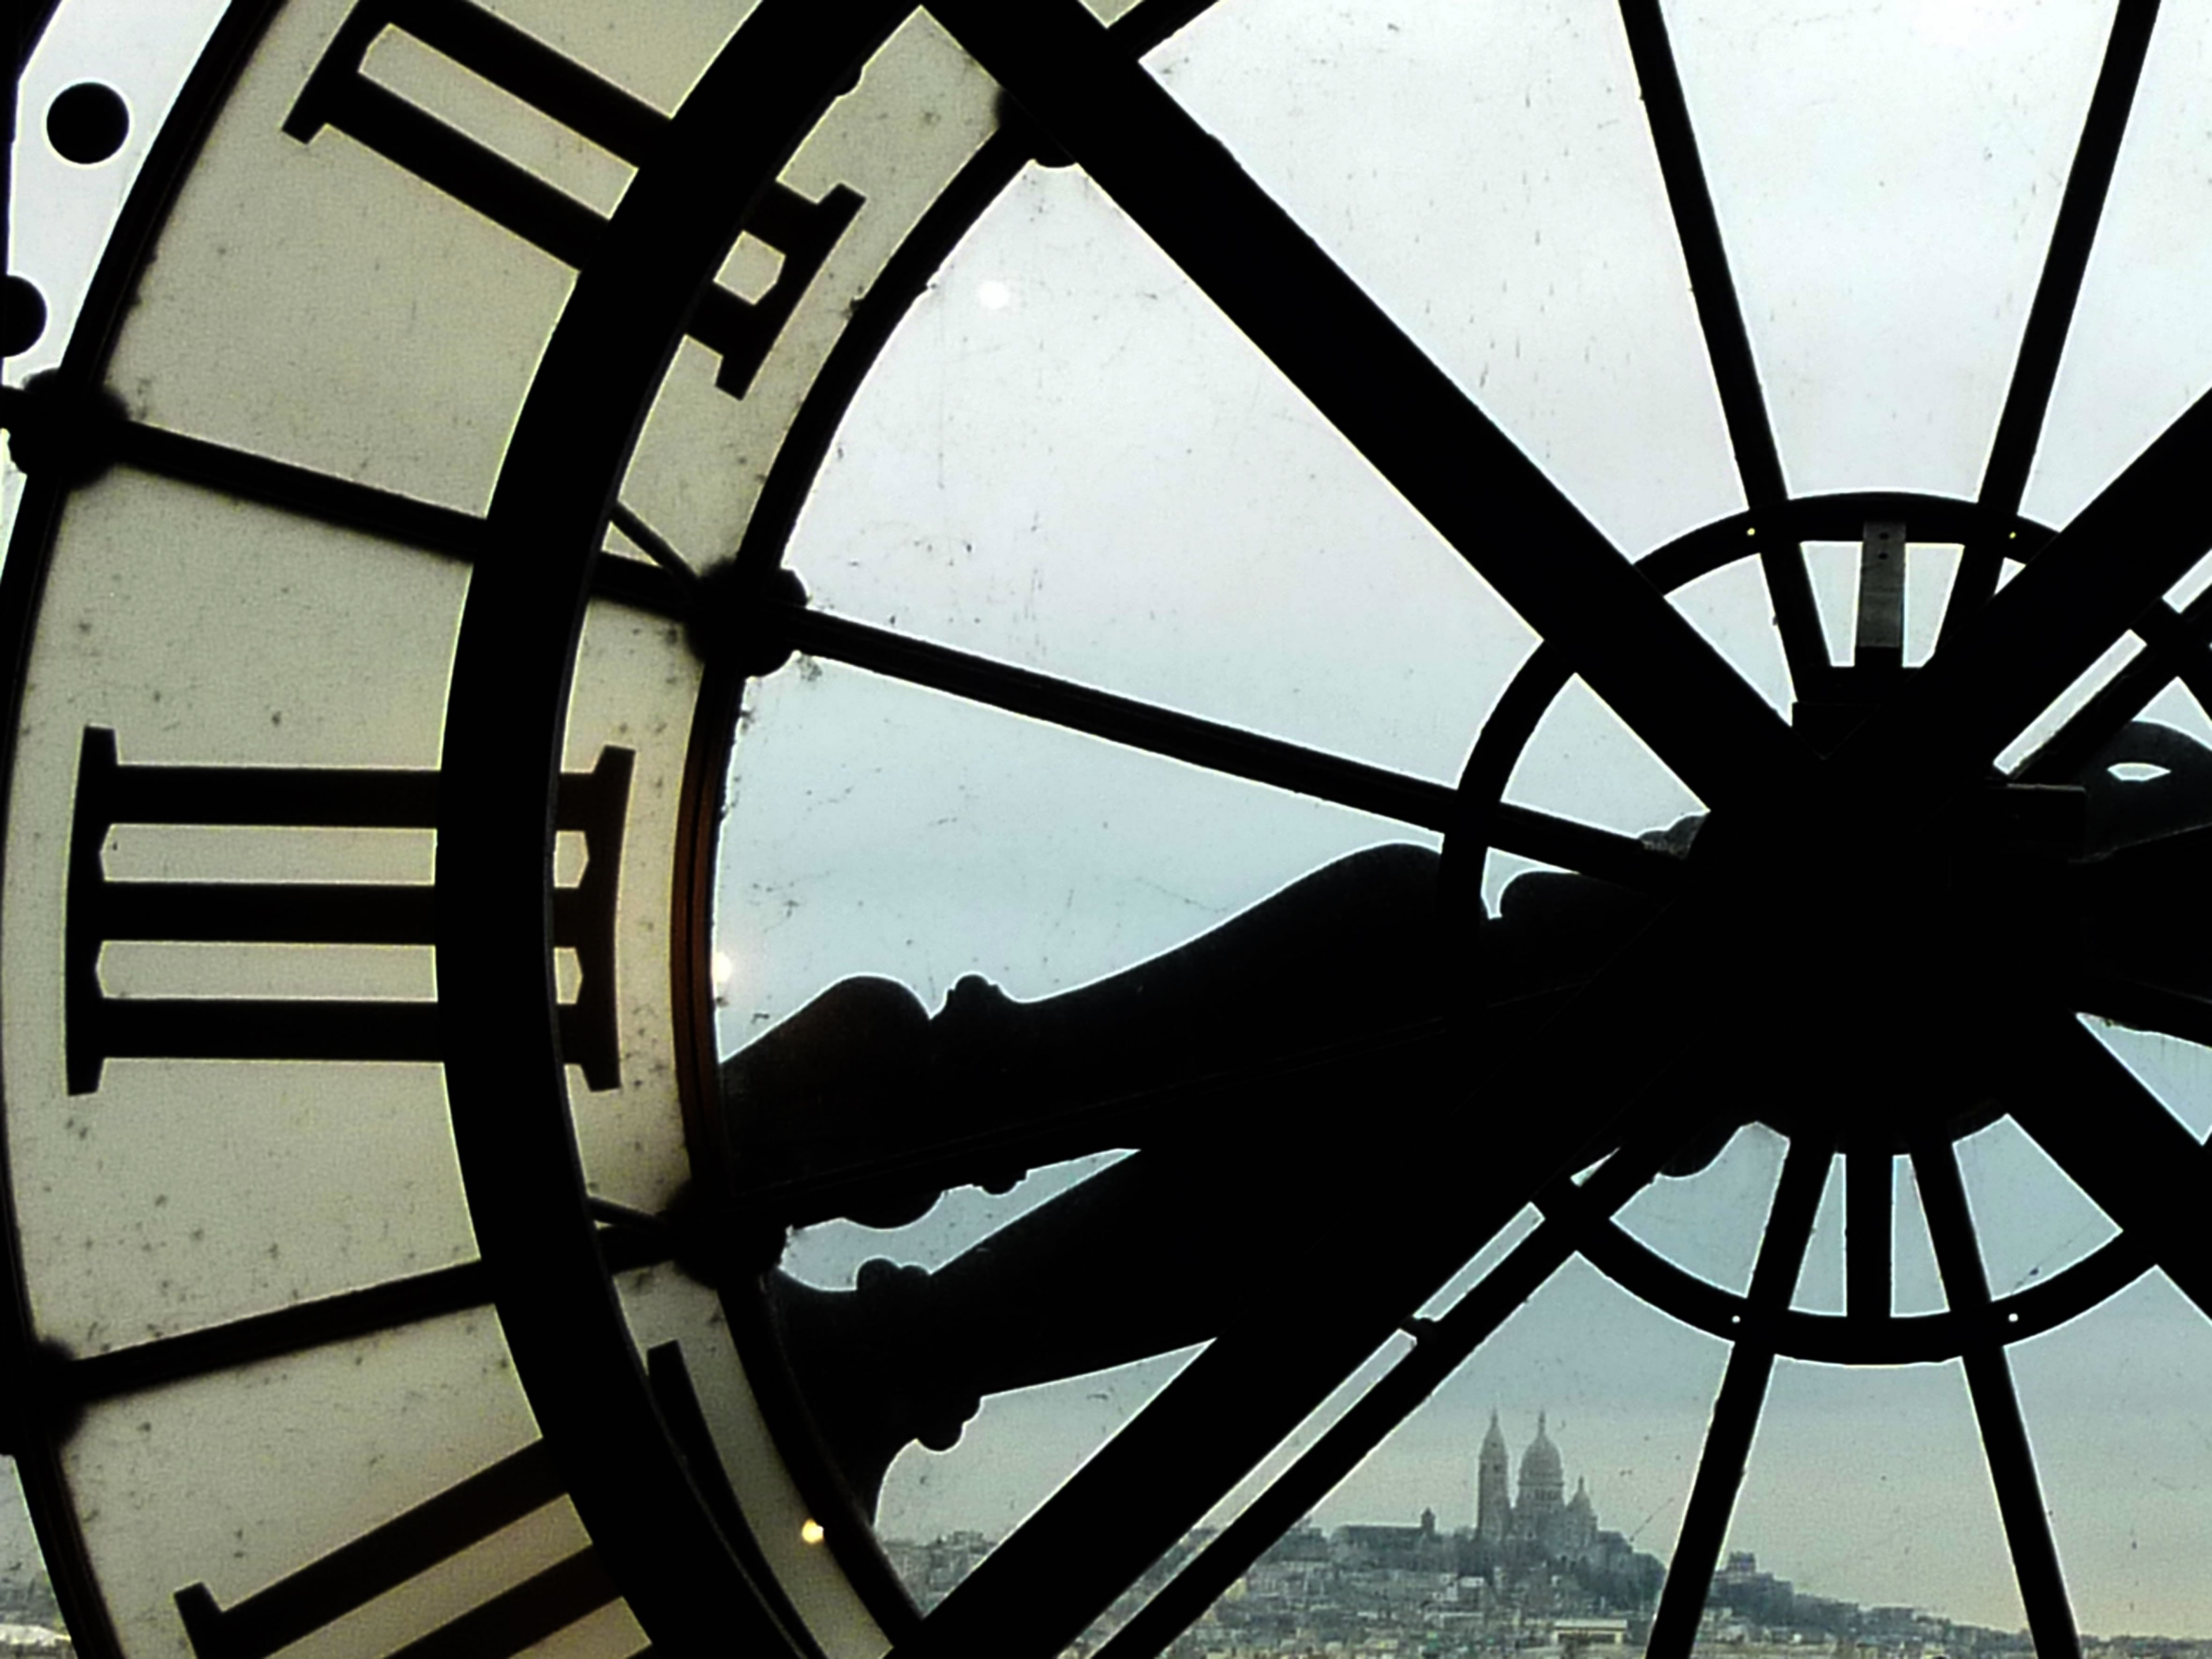 Seleção de museus em Paris que você deve visitar (além do Louvre)